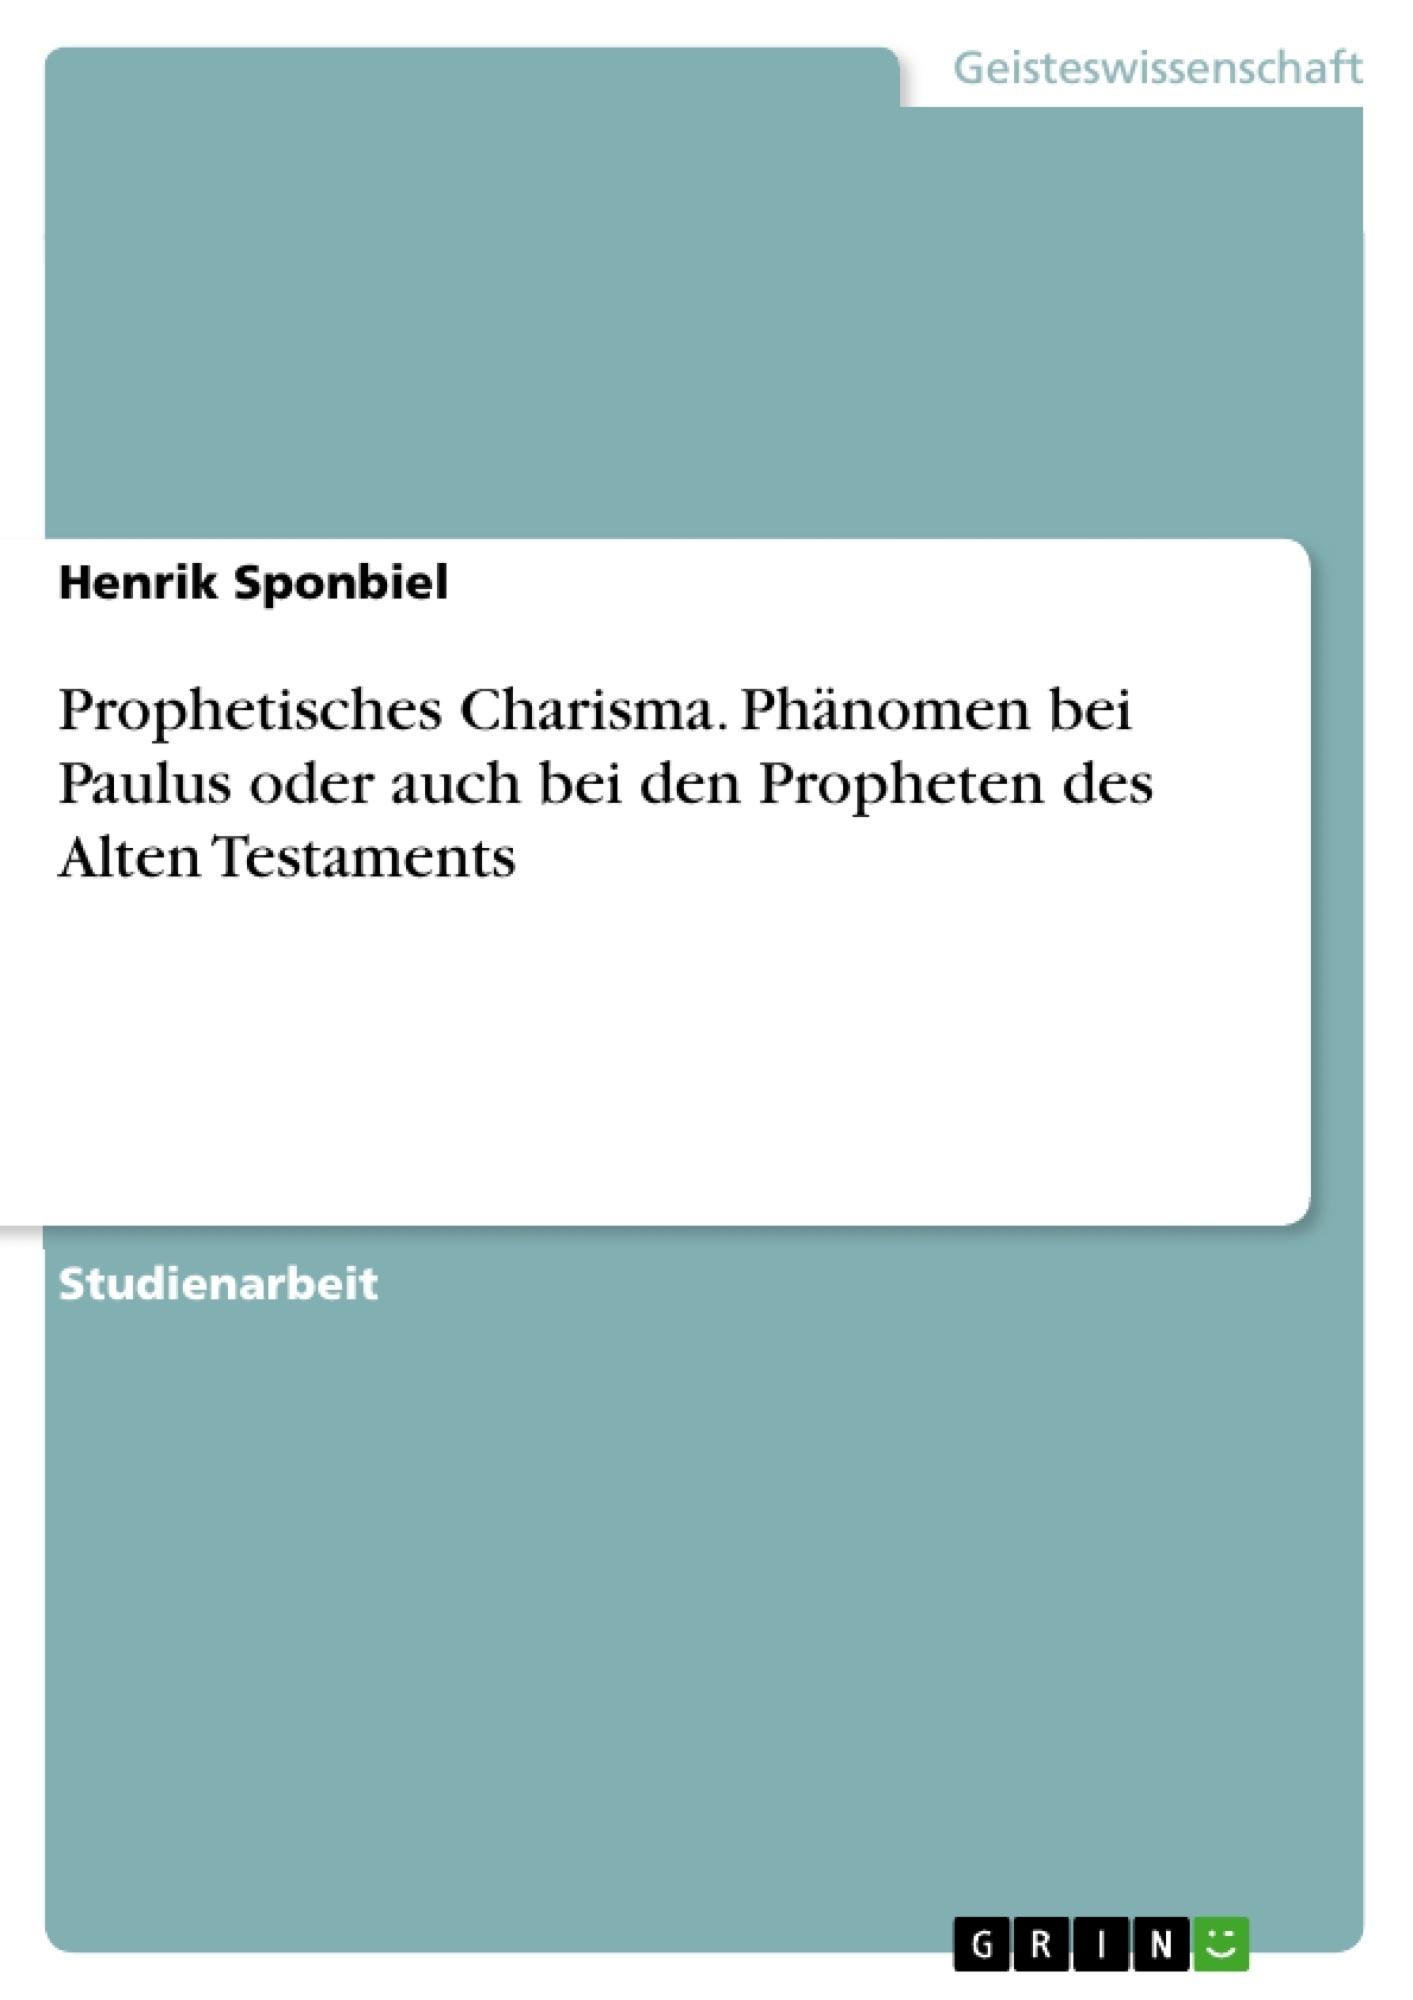 Titel: Prophetisches Charisma. Phänomen bei Paulus oder auch bei den Propheten des Alten Testaments